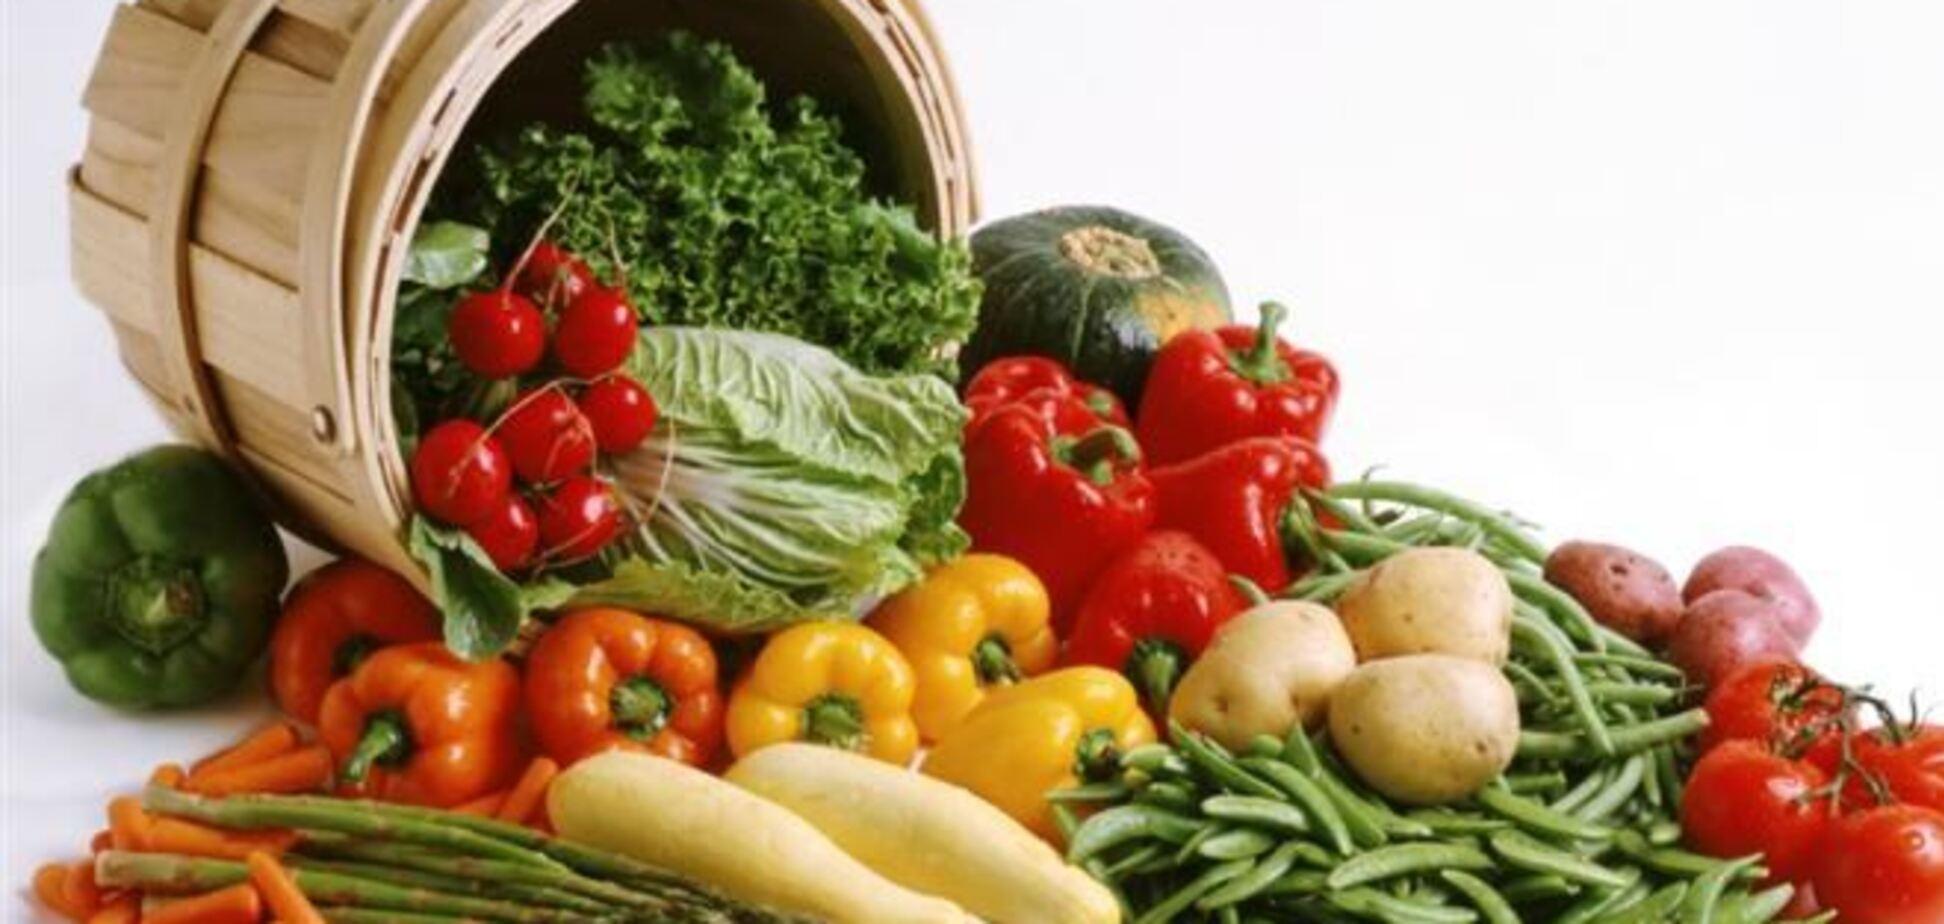 Овощи снижают риск заболевания лейкемией - ученые